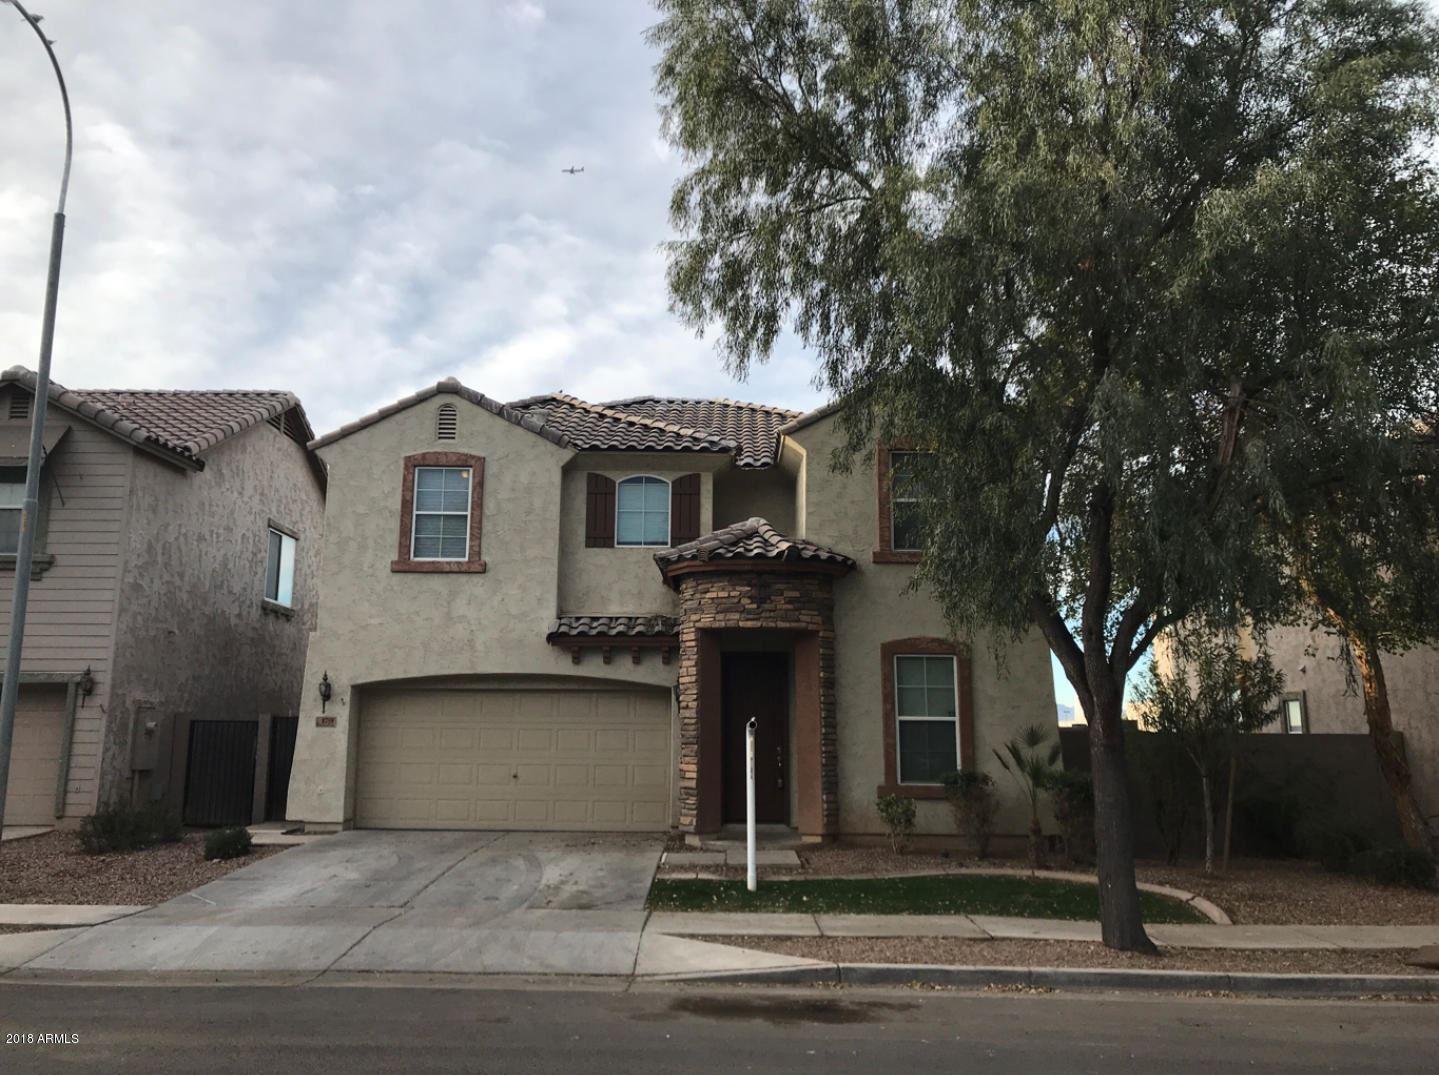 Photo of 8759 W WASHINGTON Street, Tolleson, AZ 85353 (MLS # 6200248)